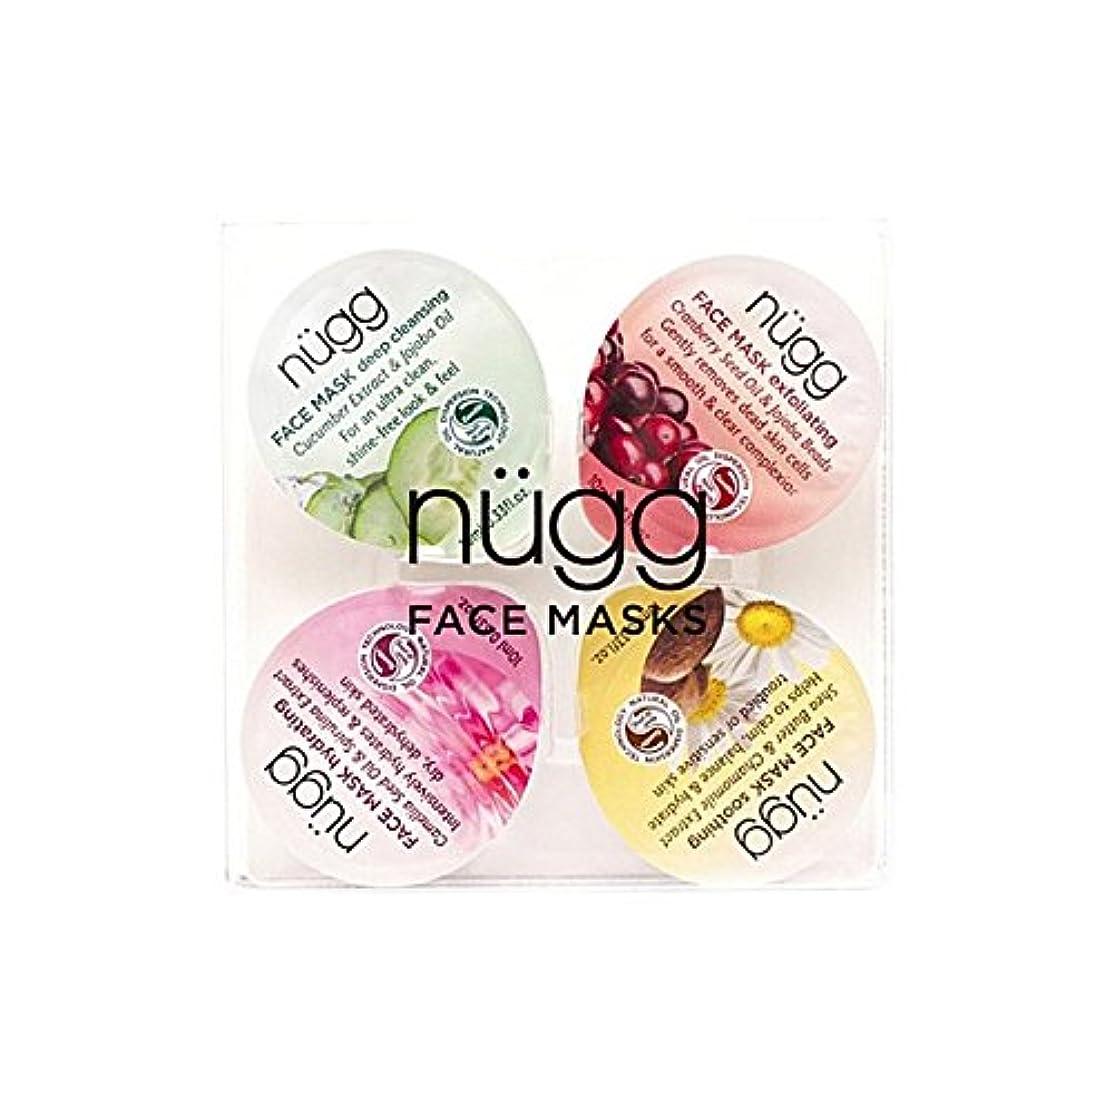 ローラー革命経験的フェイスマスクセット x2 - Nugg Face Mask Set (Pack of 2) [並行輸入品]